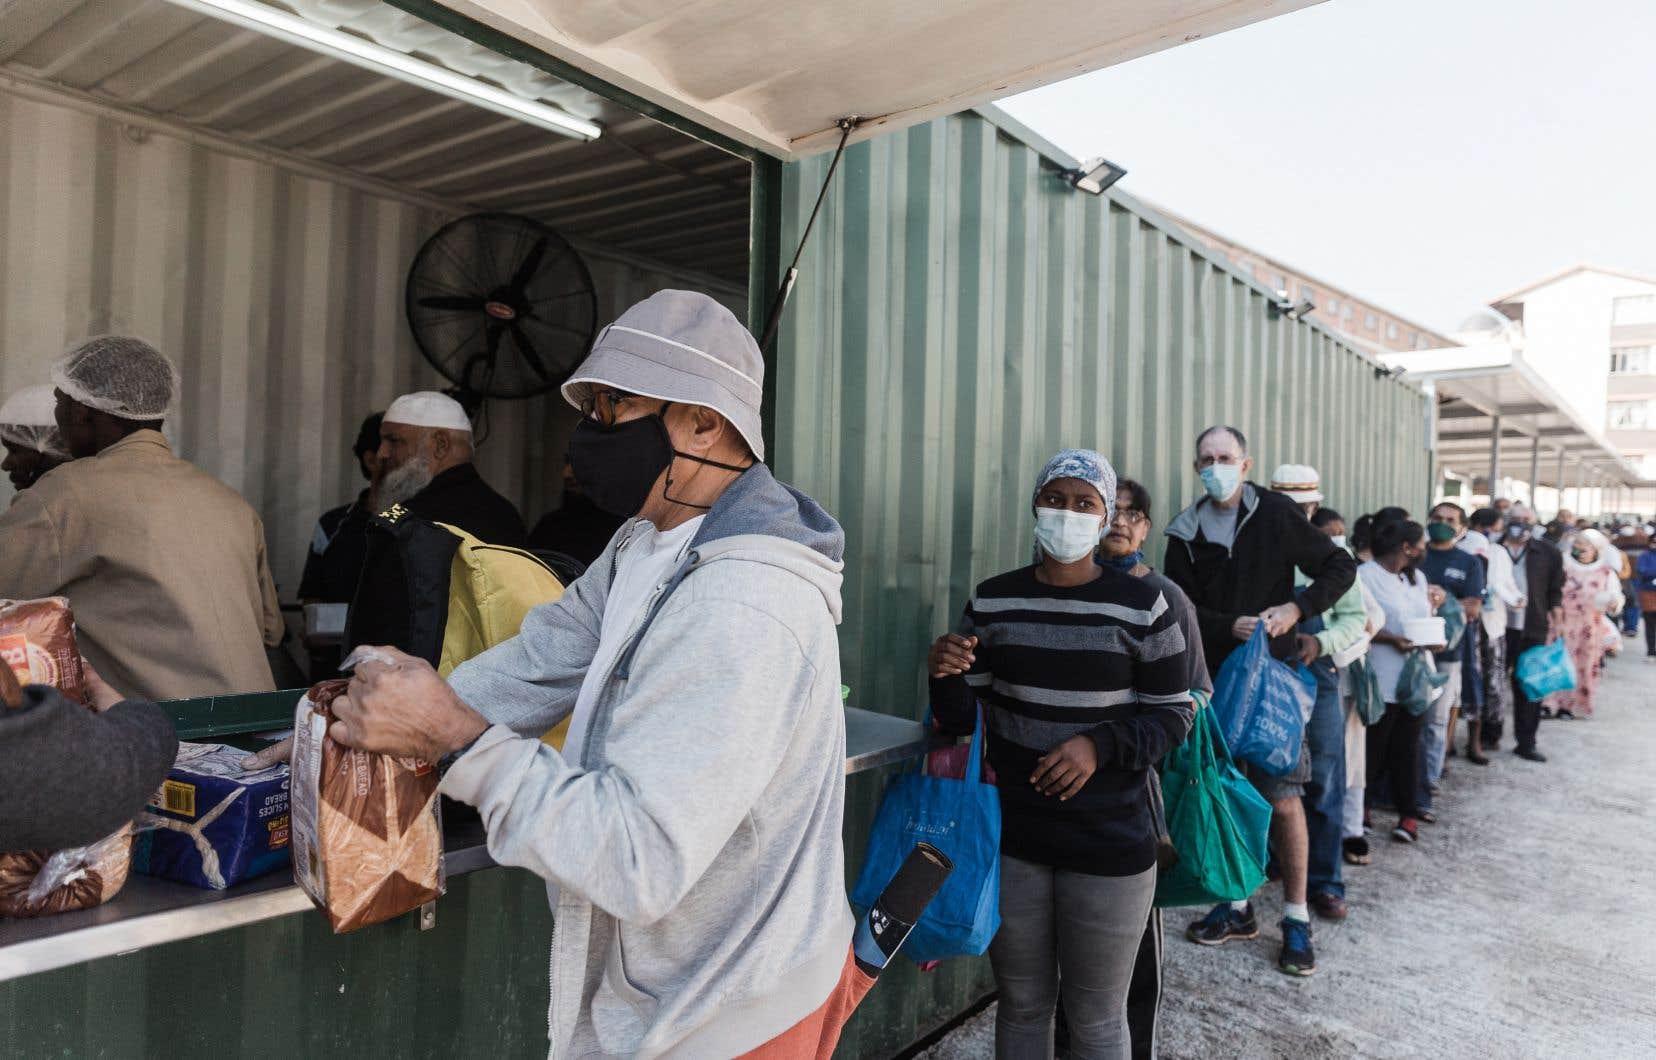 «Il y a des files d'attente interminables, comme si on allait voter», a ironisé Siyanda Nxumalo, un militant de la communauté qui dénonce «une pagaille».